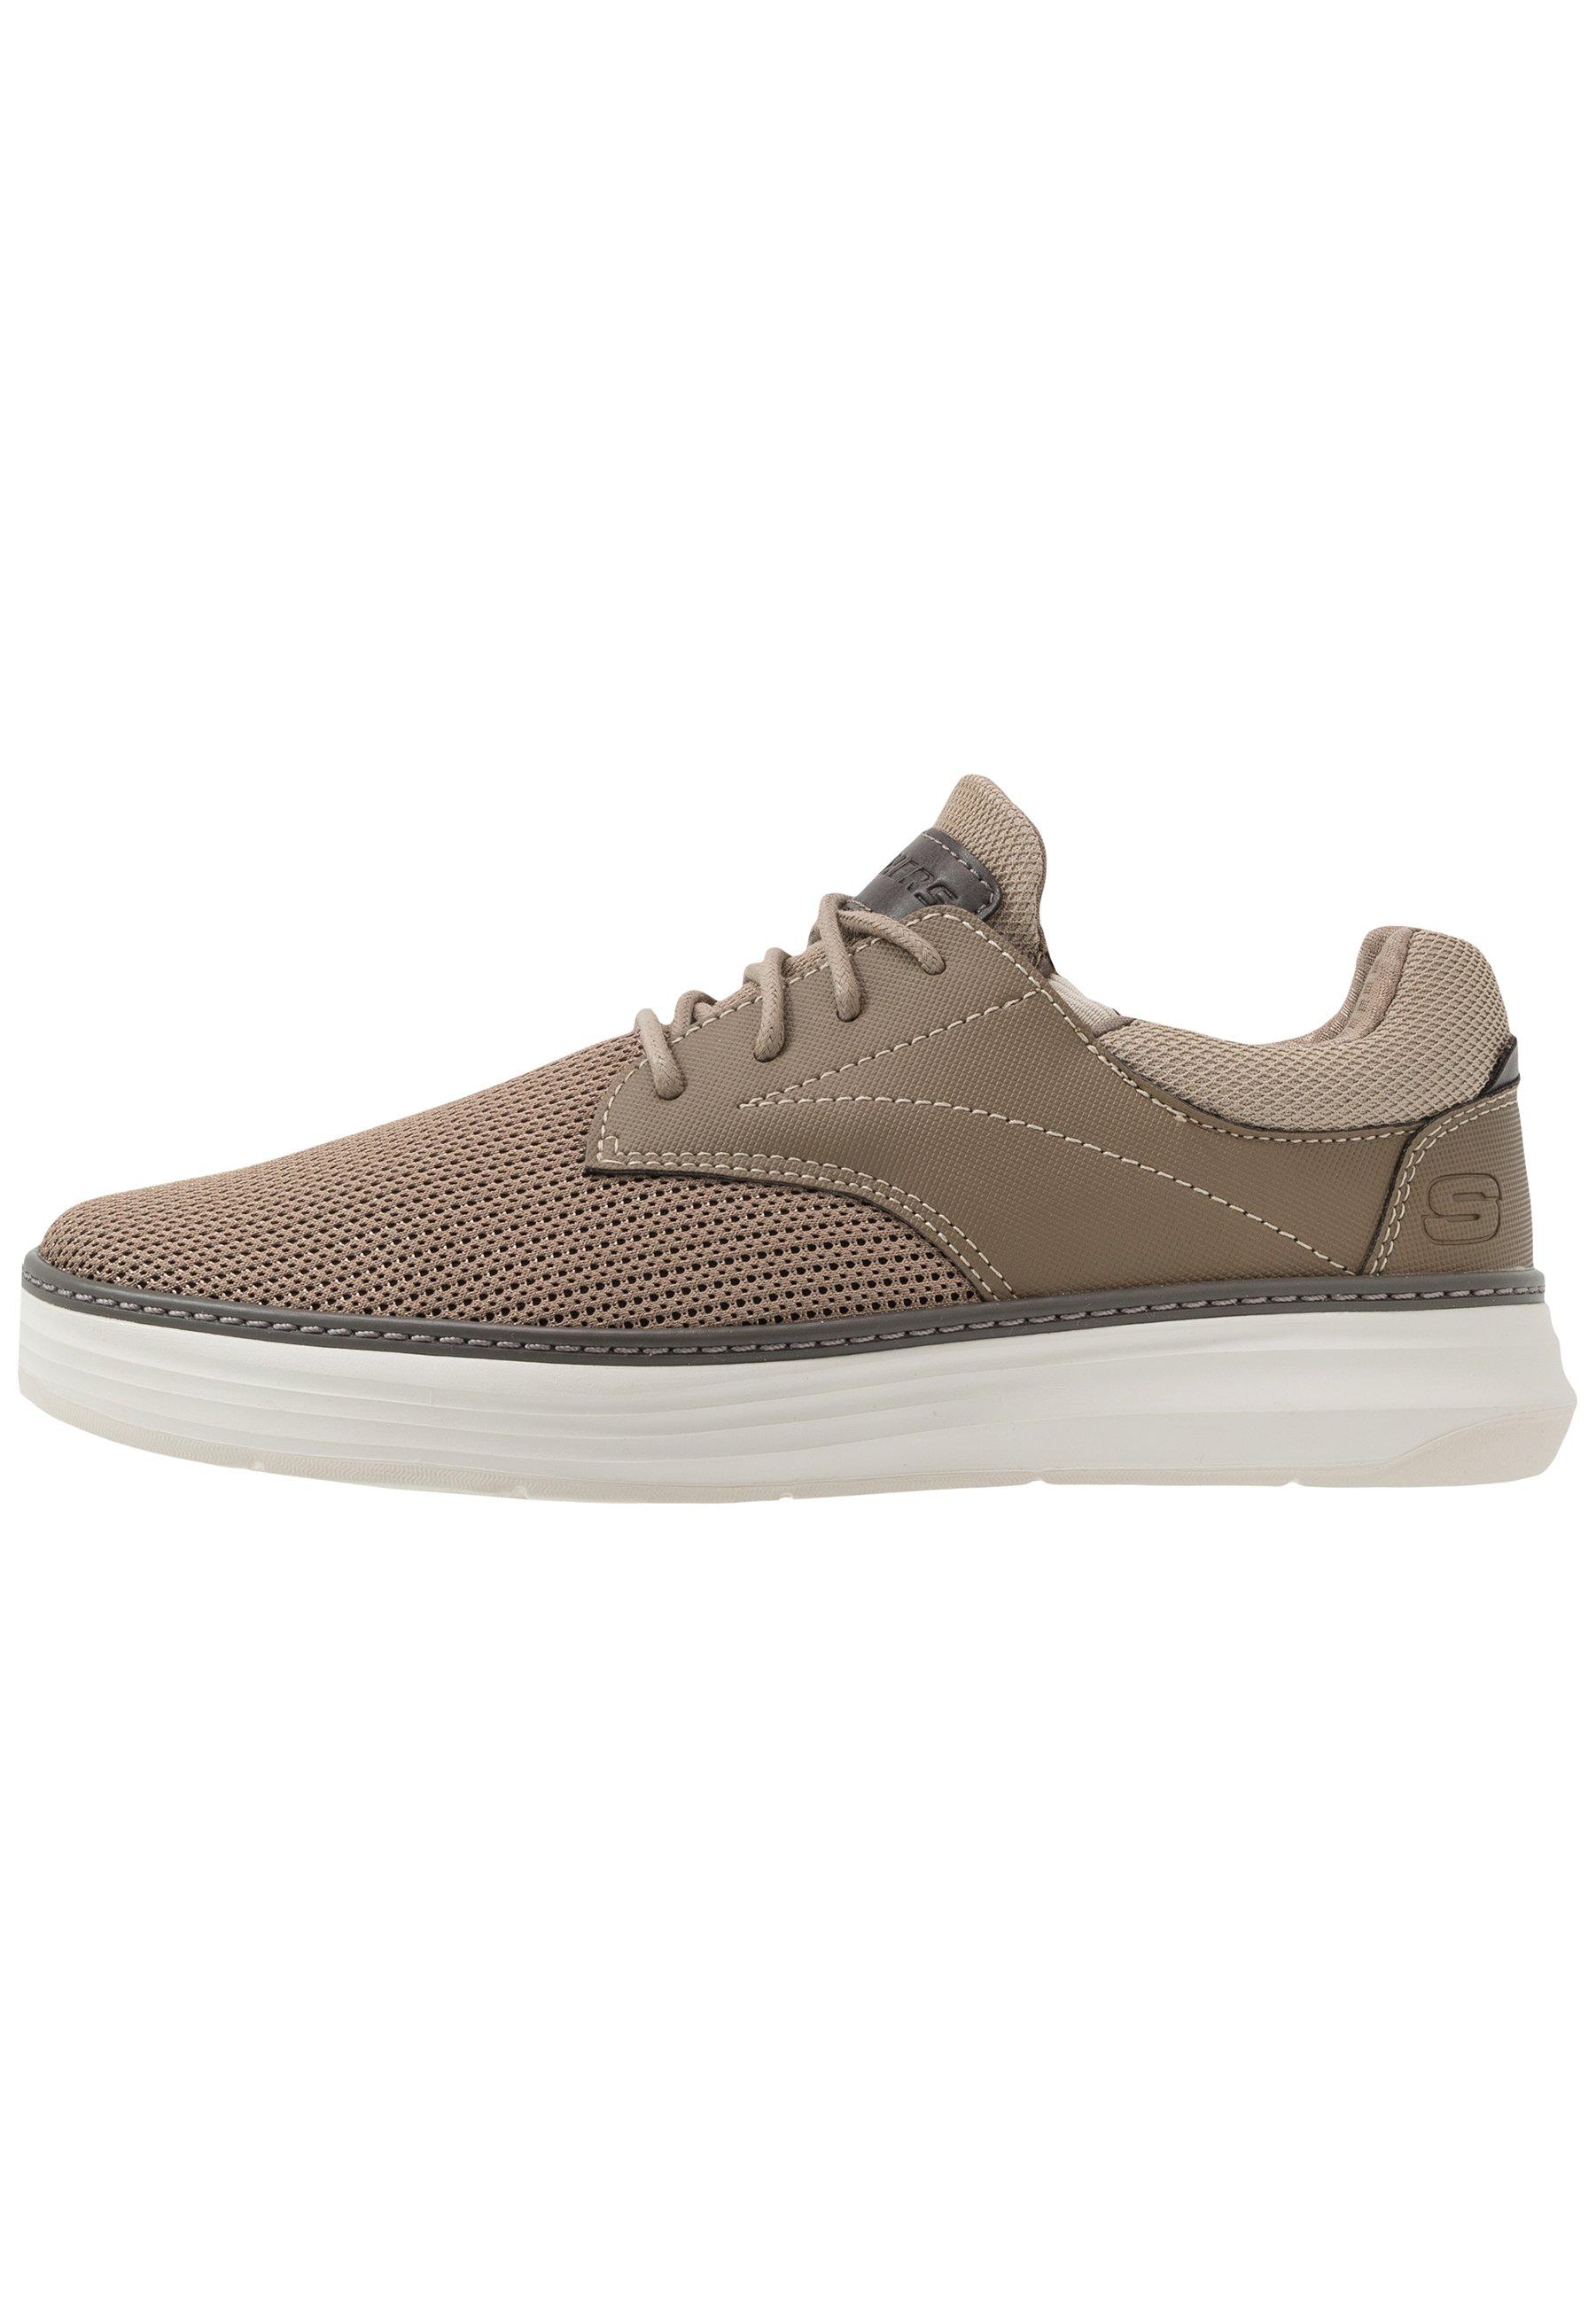 Auf ganz leisen Sohlen: Skechers Sneaker für Herren | ZALANDO